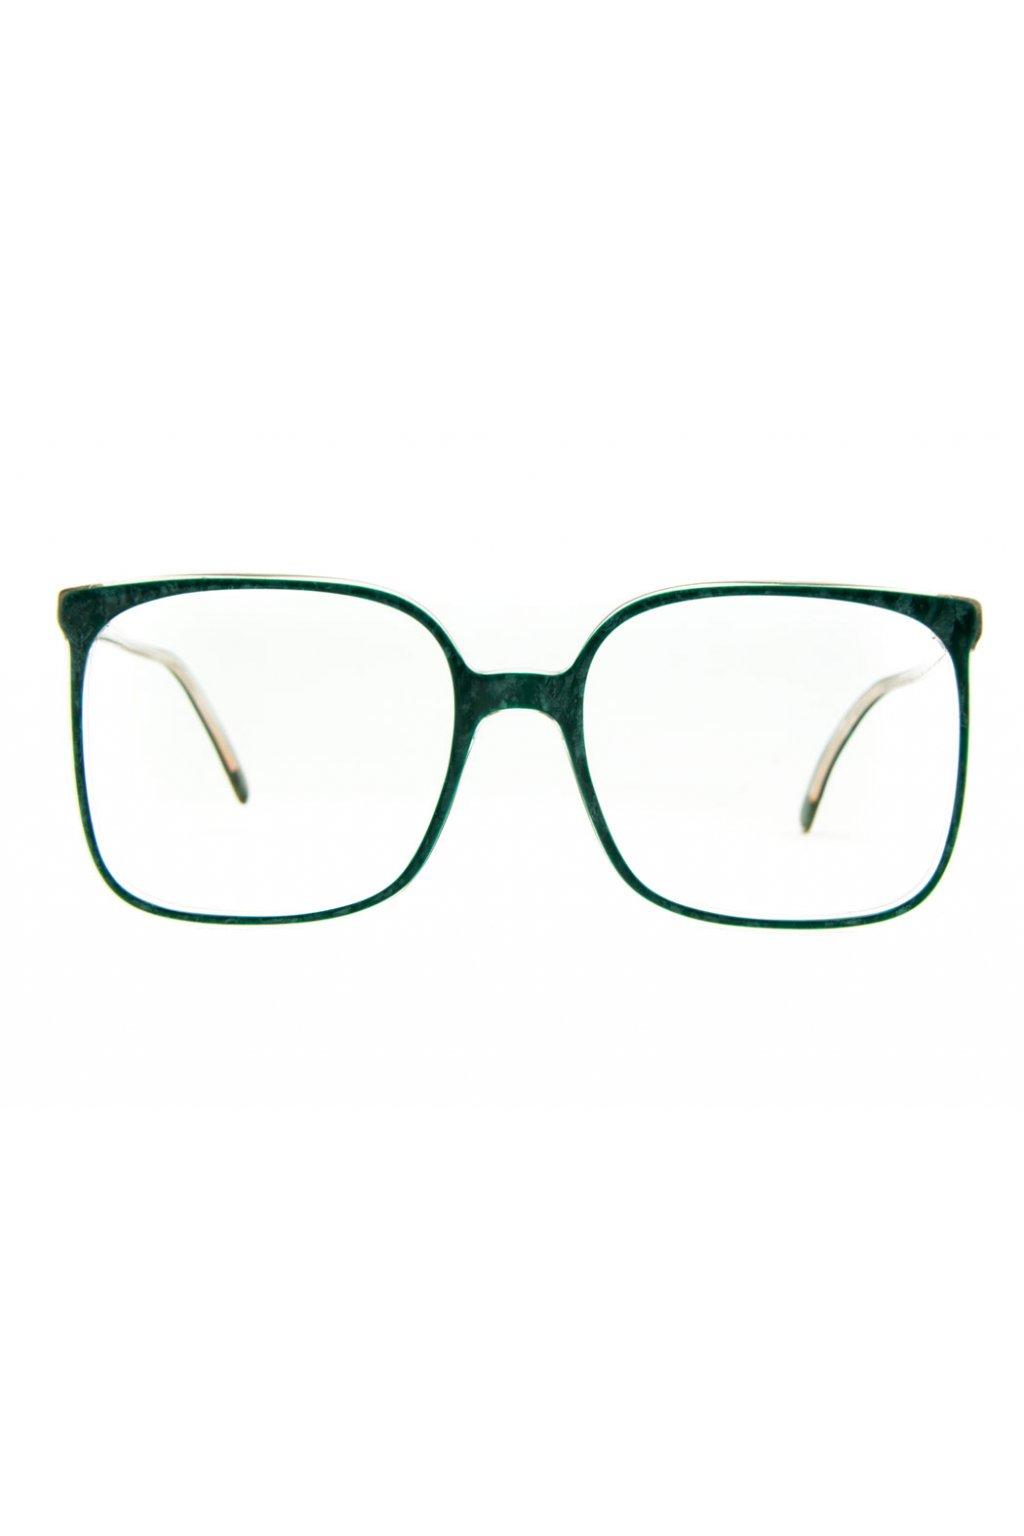 Tauschek - Emerald